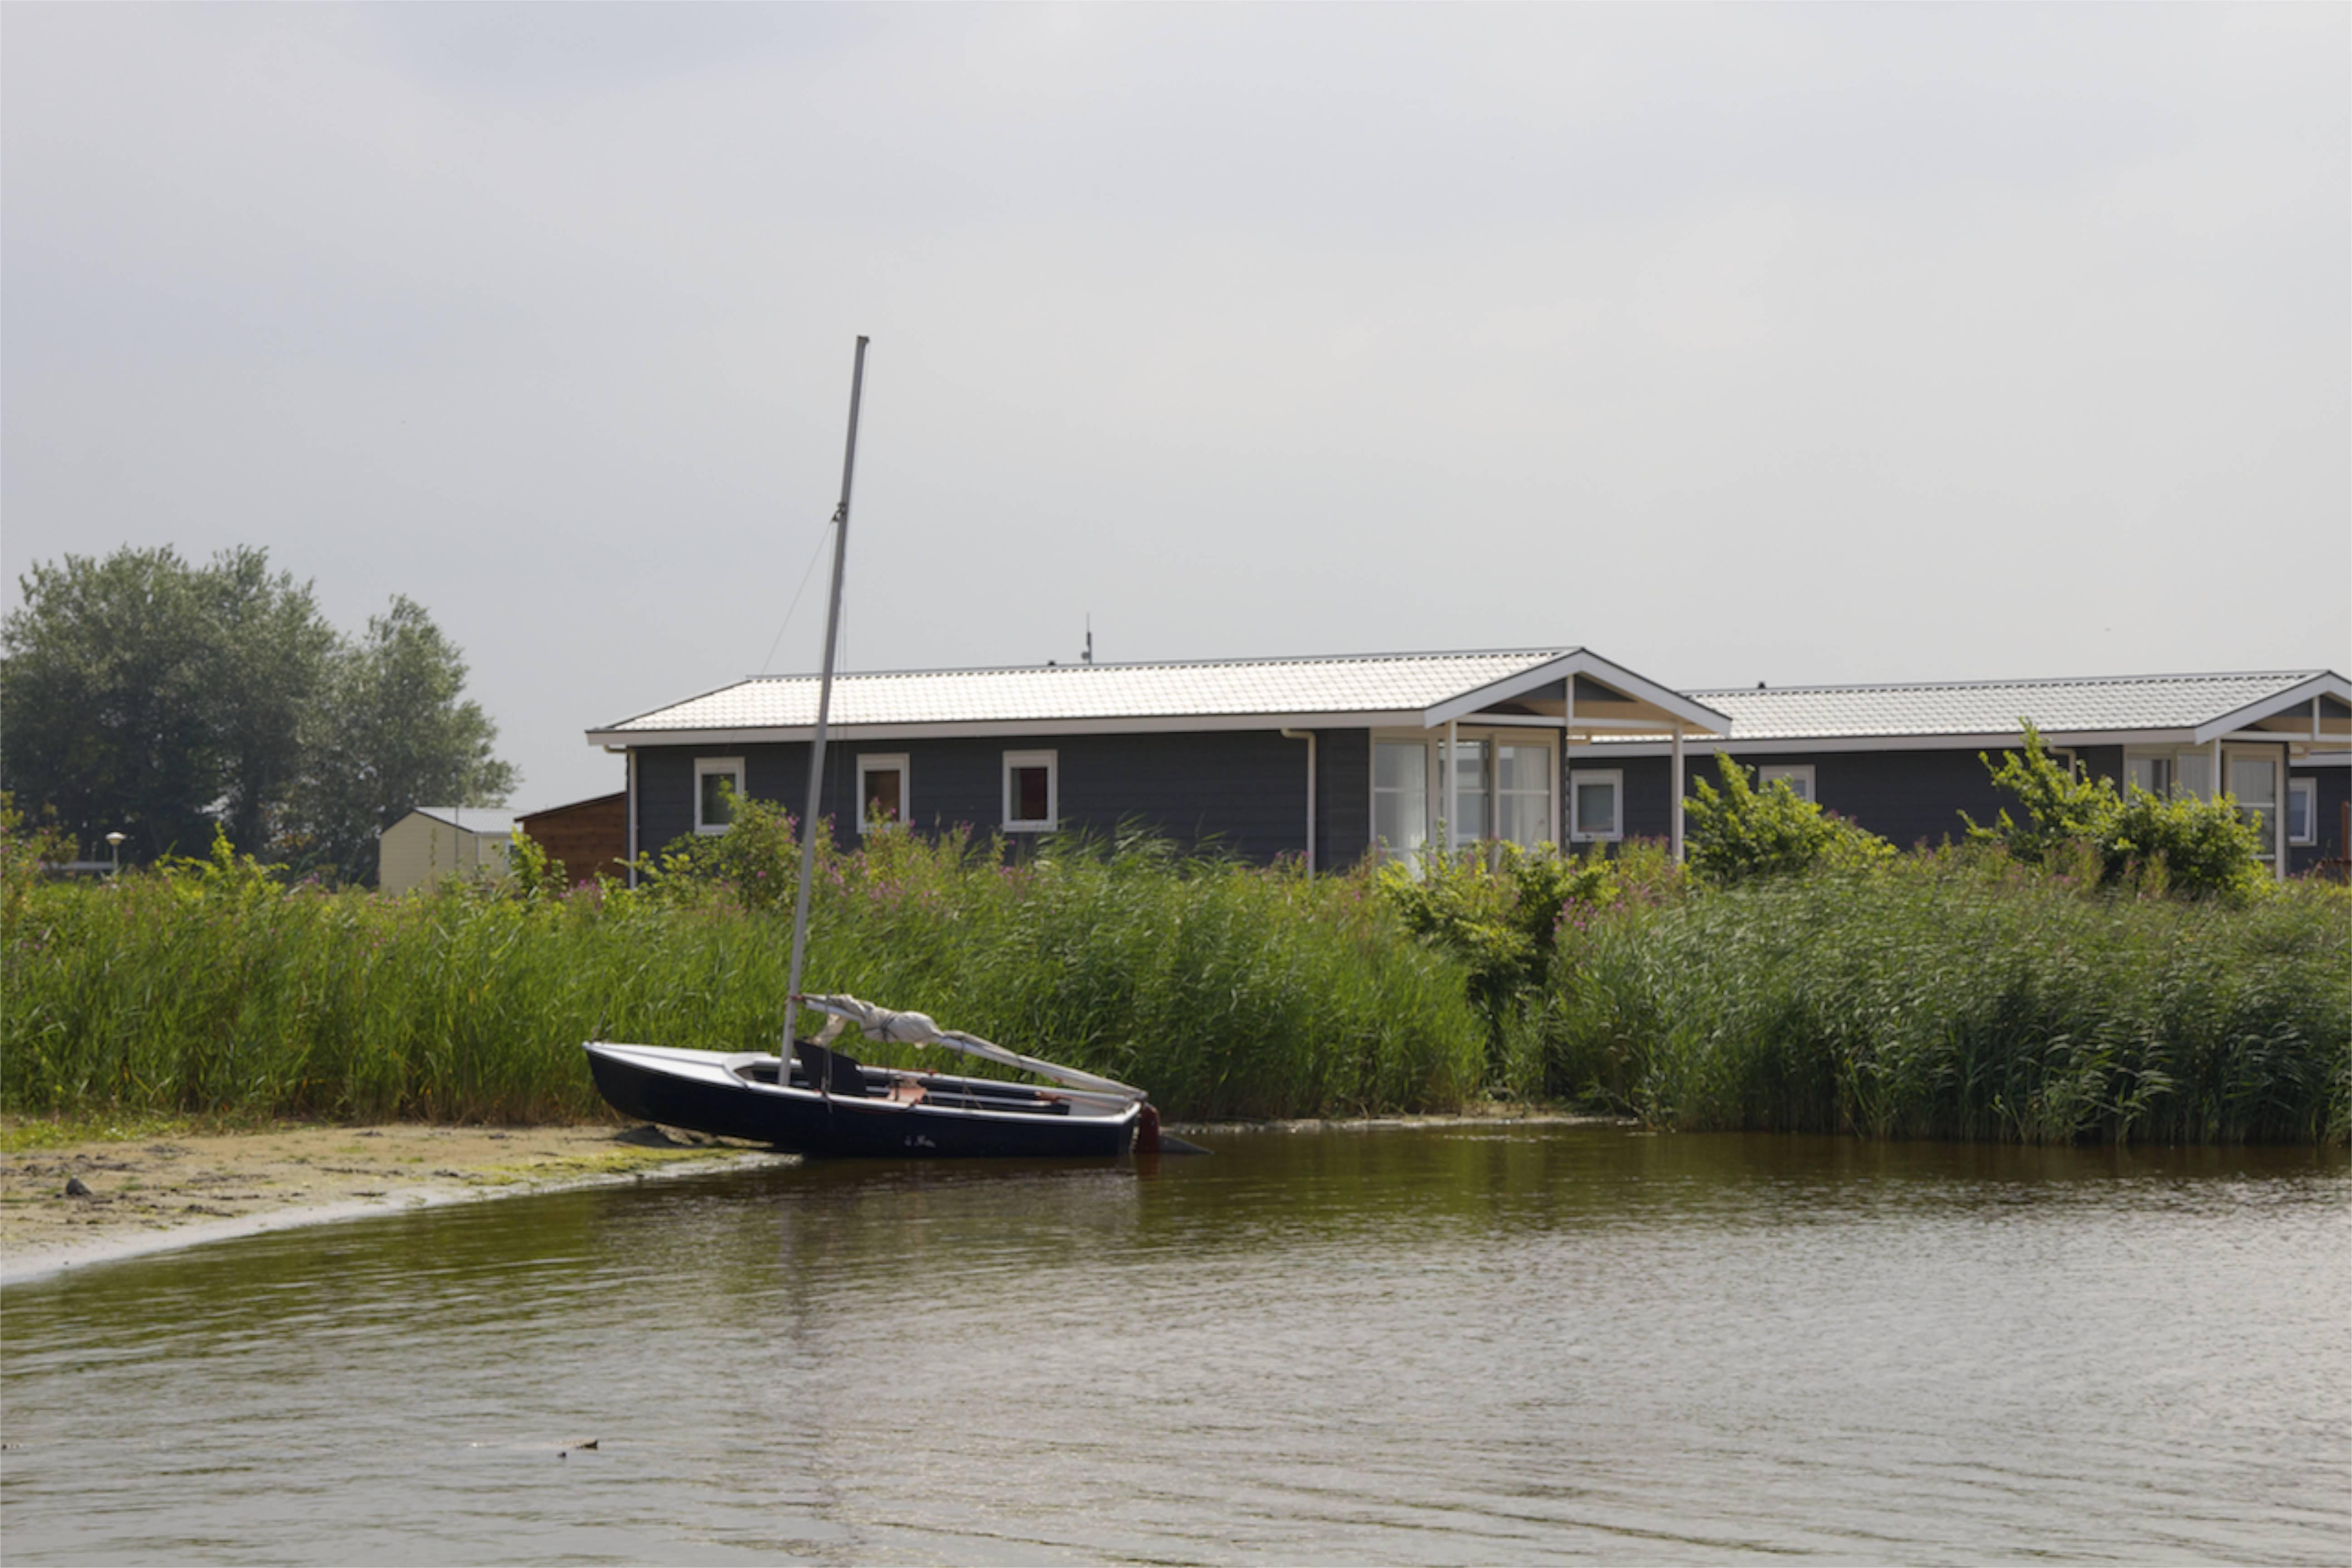 Freizeitzentrum Lauwersoog